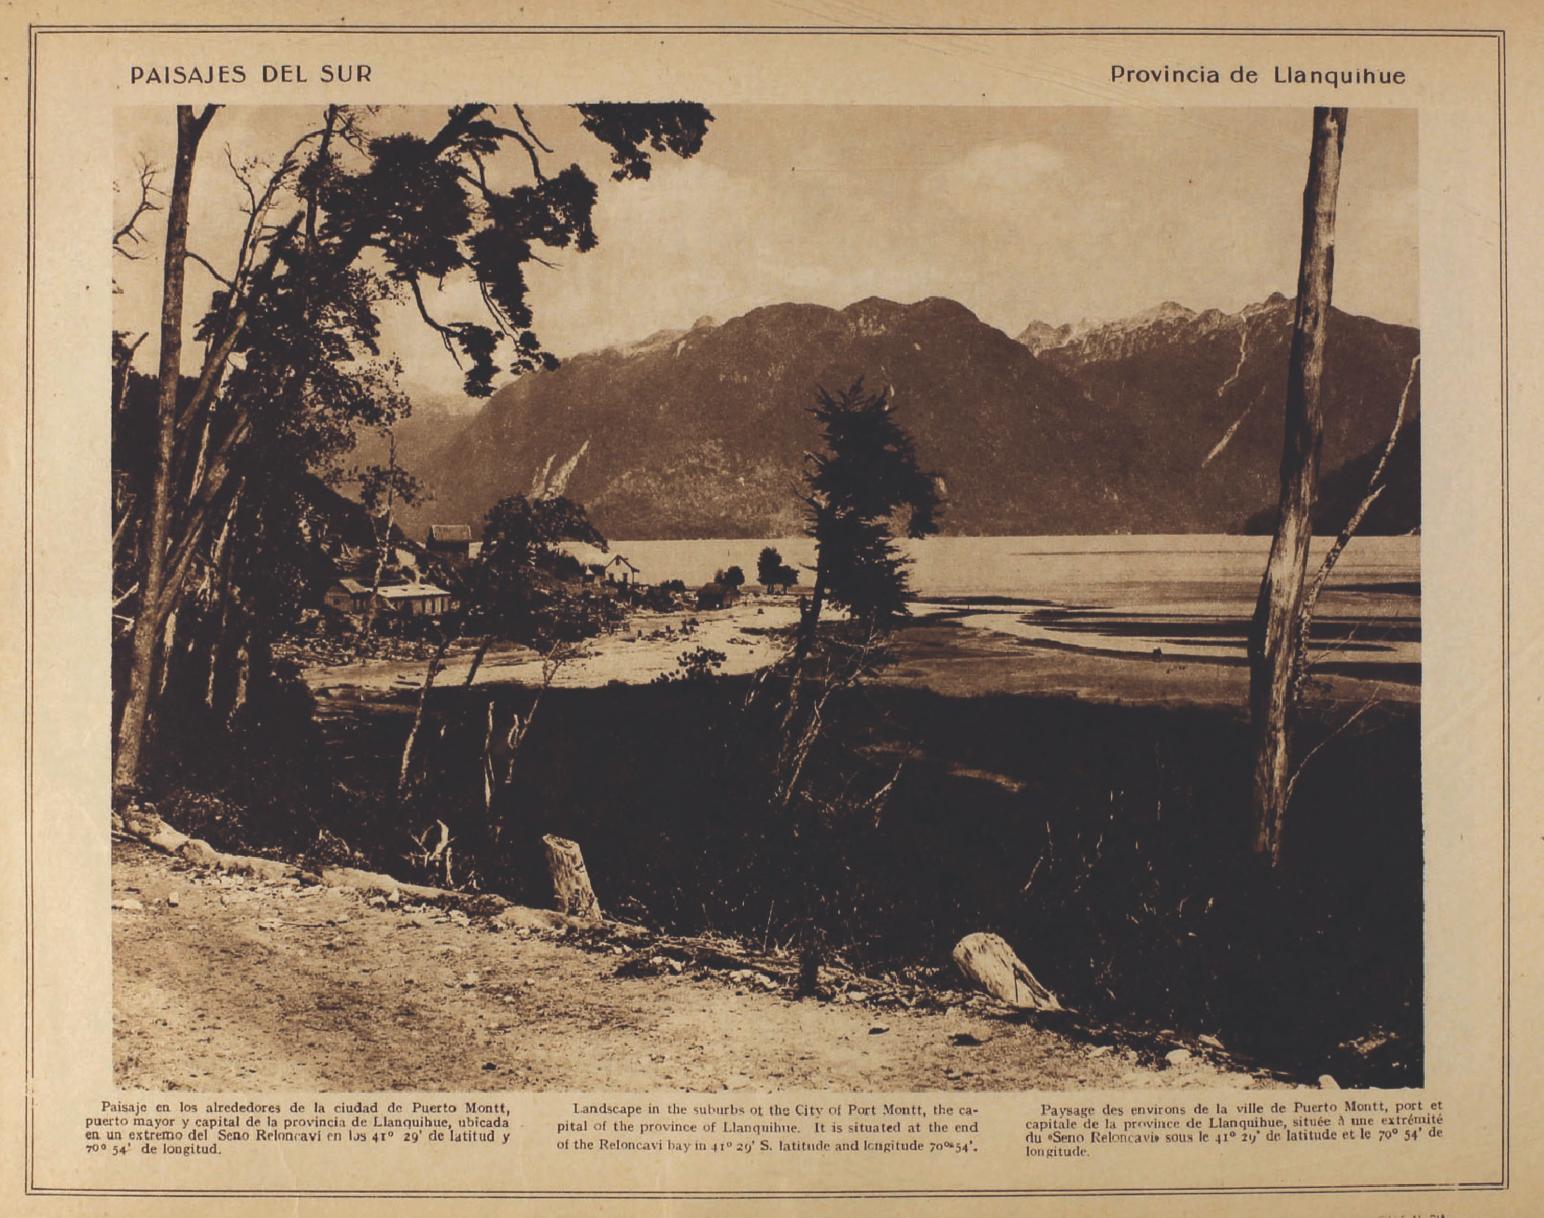 (9)  Paisaje del Sur.- Provincia de Llanquihue  (ca. 1915)